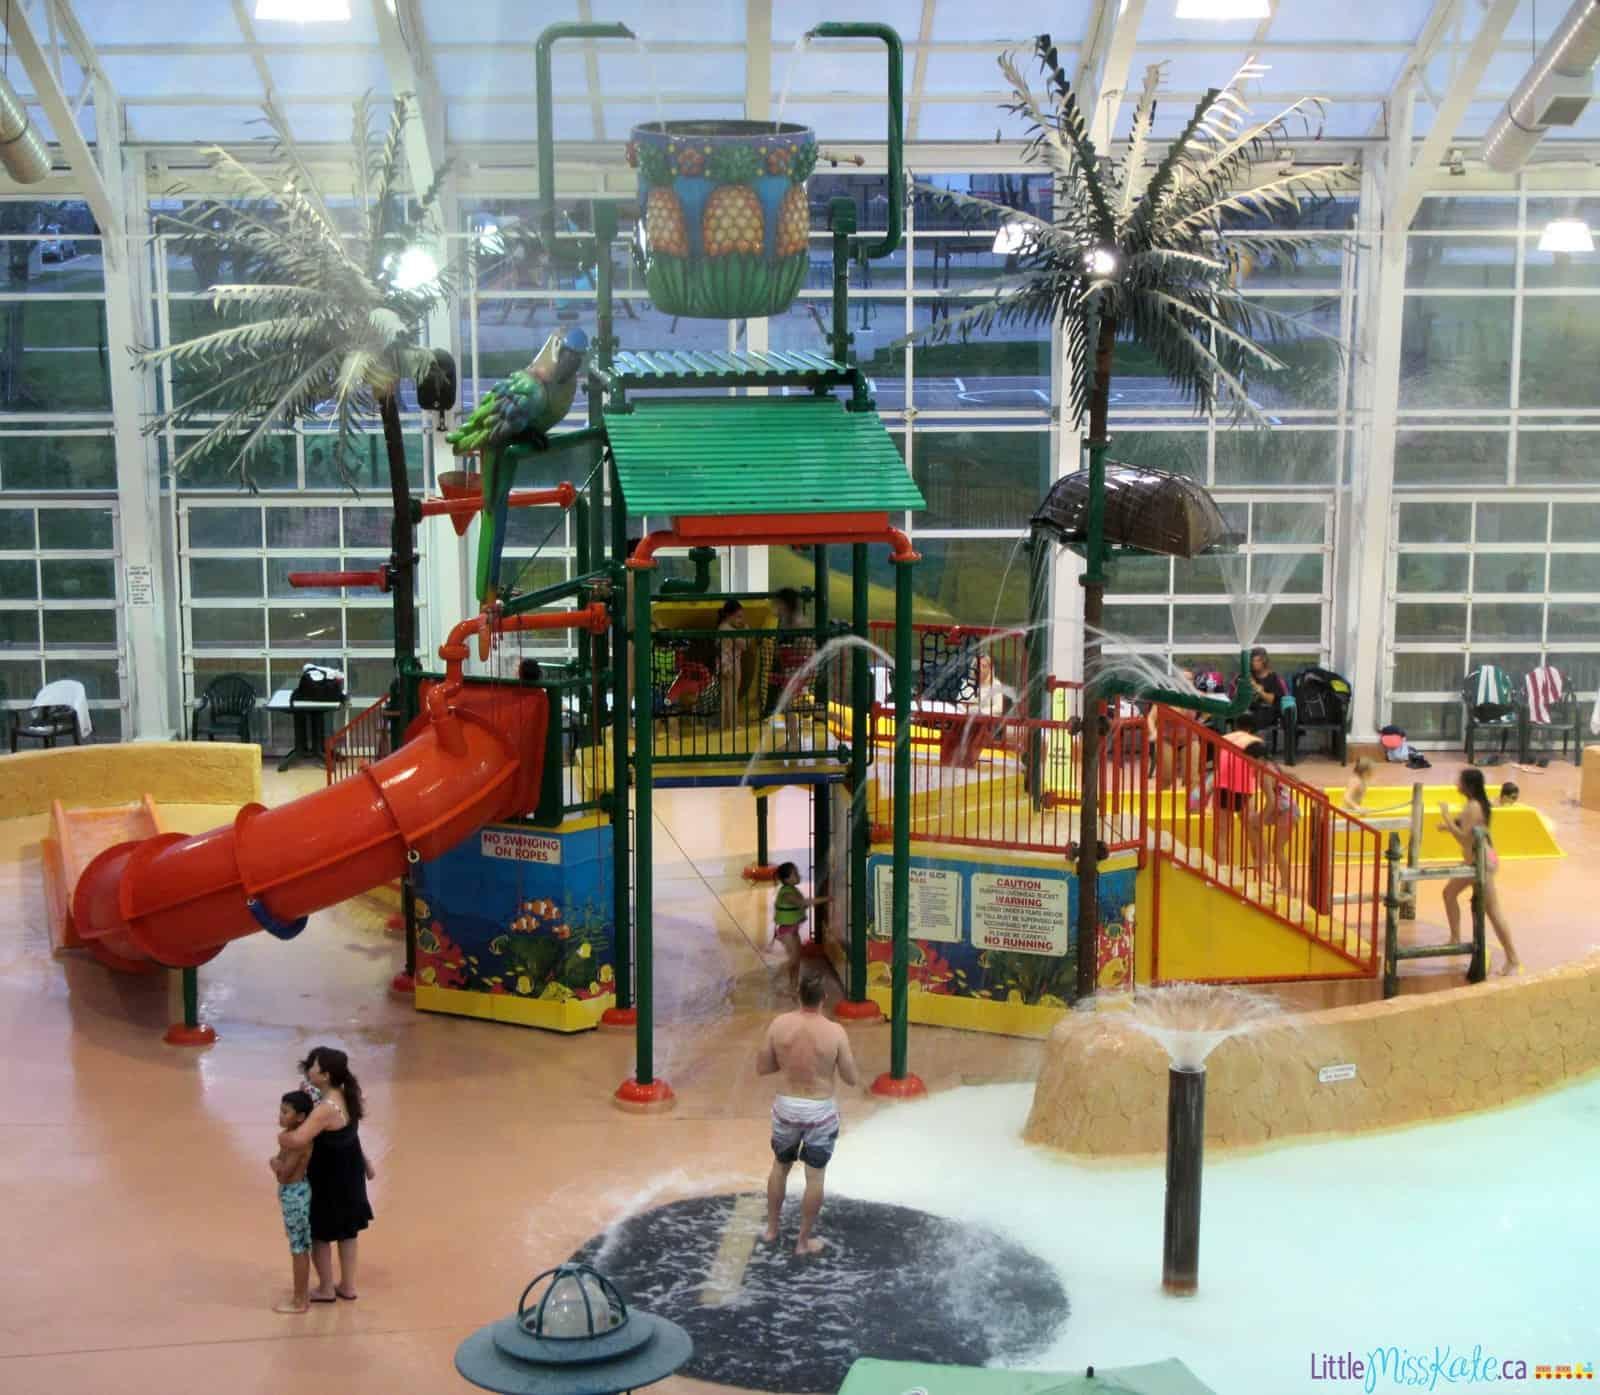 americana waterpark resort niagara falls review kids water slides